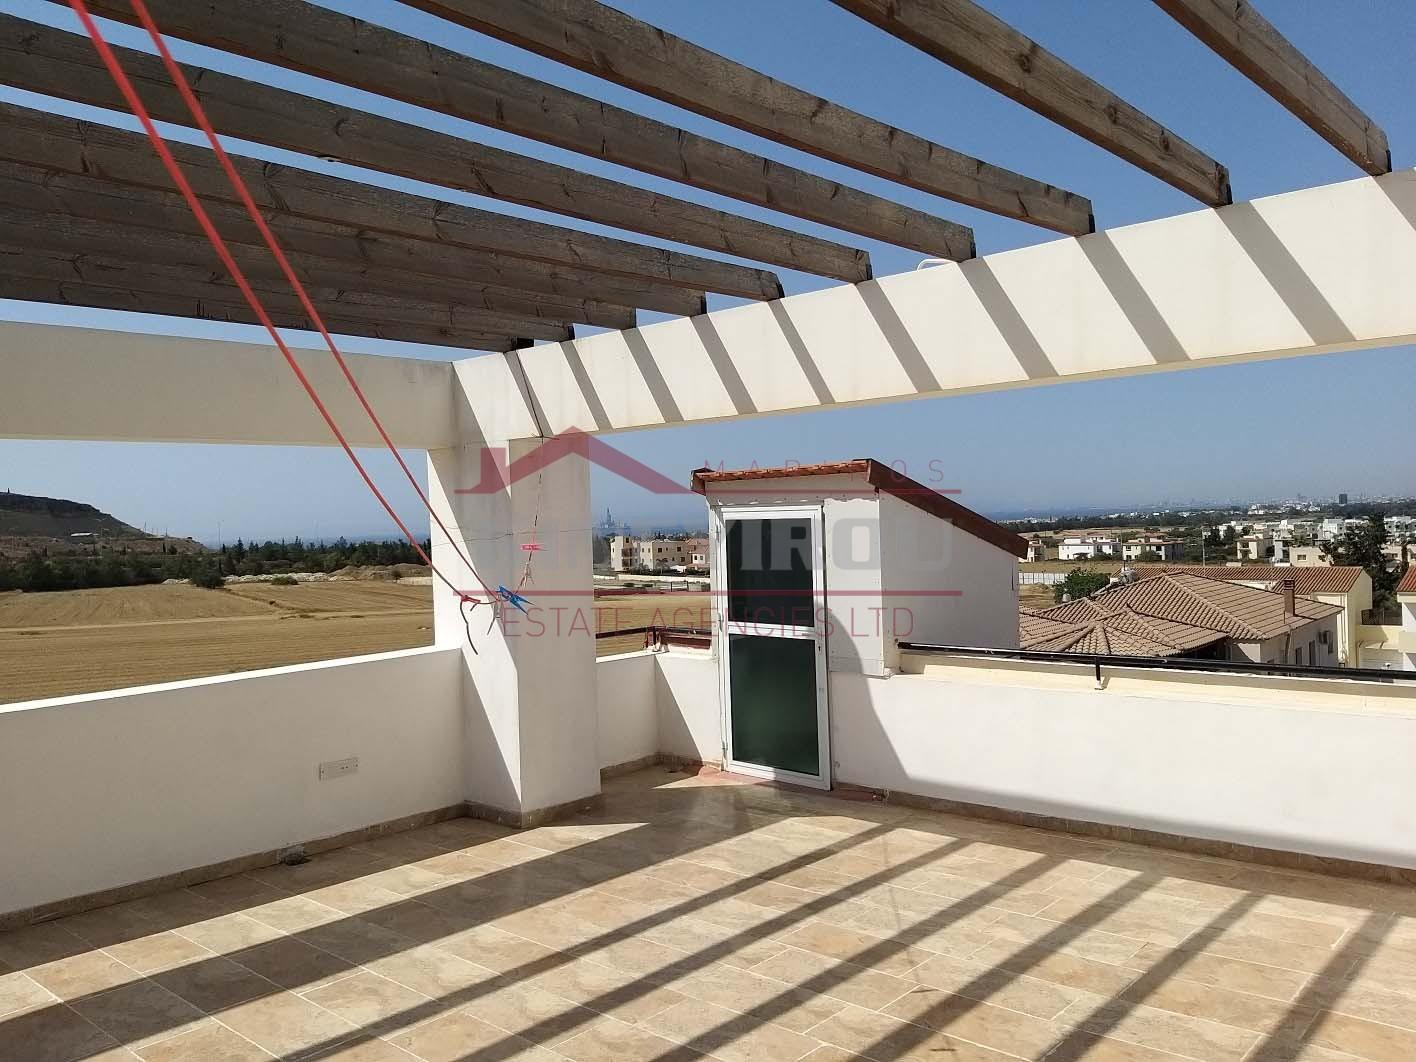 2 Bedroom Penthouse in Pyla area,Larnaca